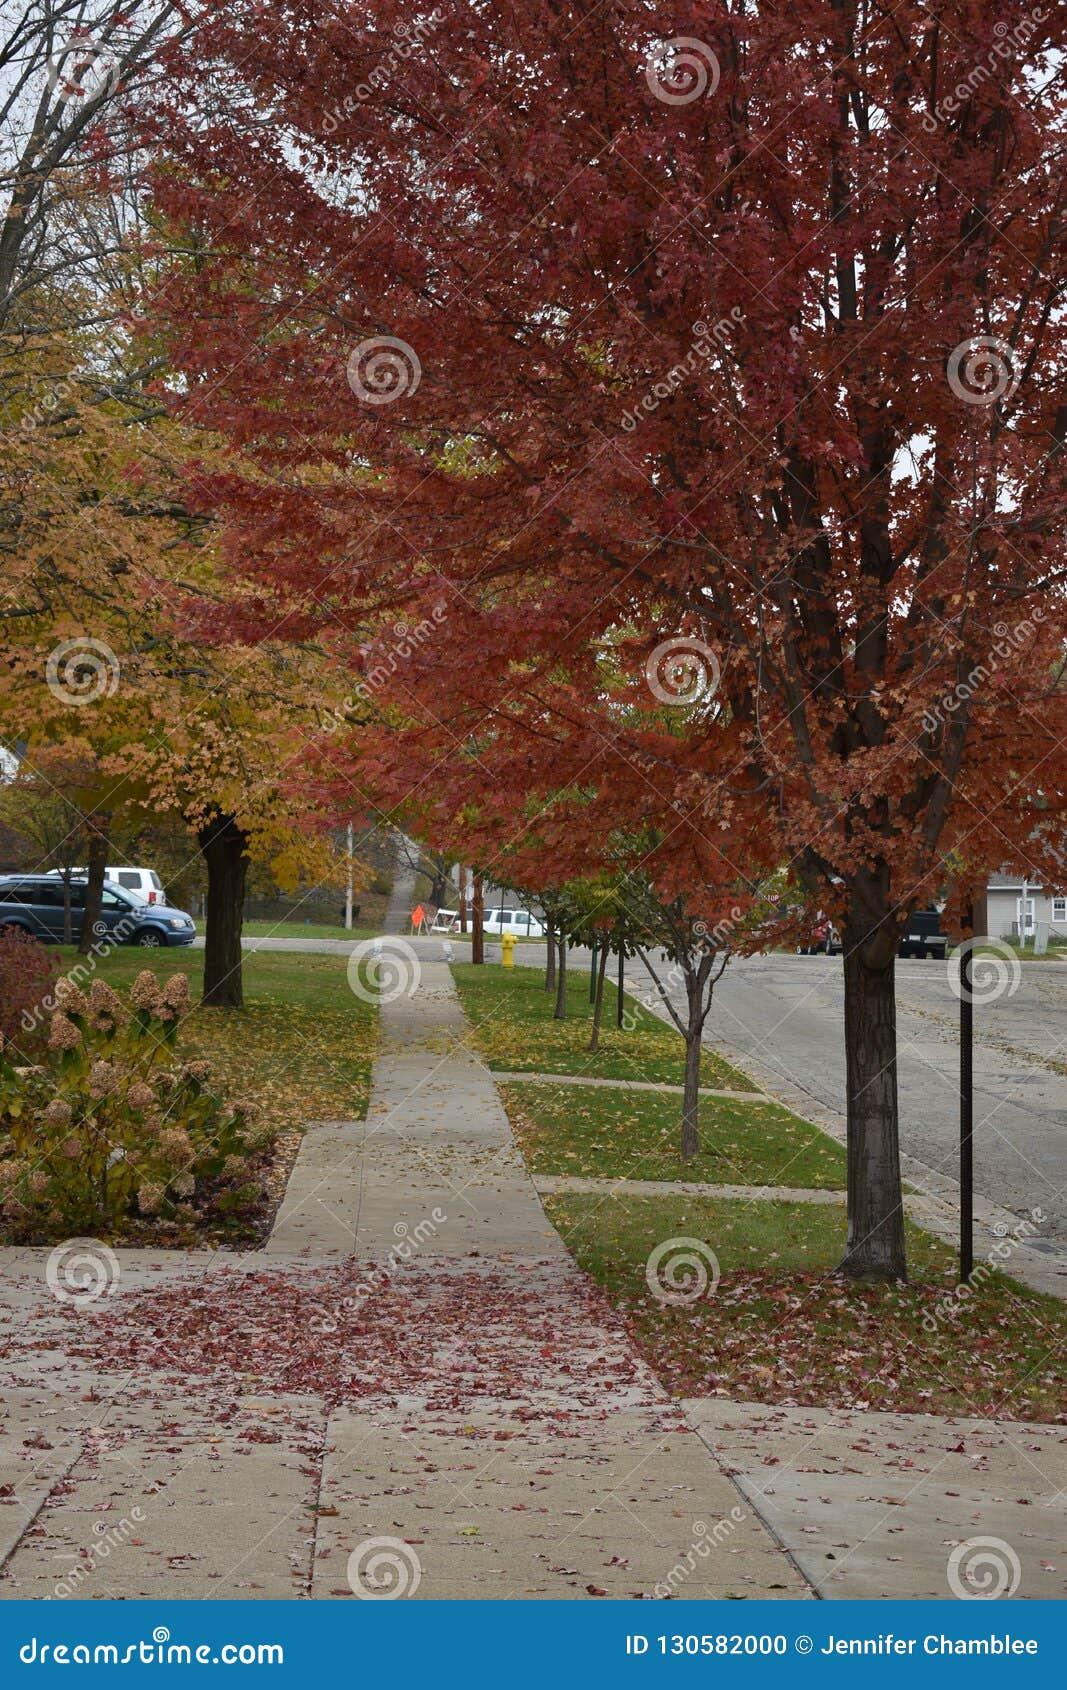 Vista di autunno di una via in una cittadina in autunno con la caduta colorata delle foglie